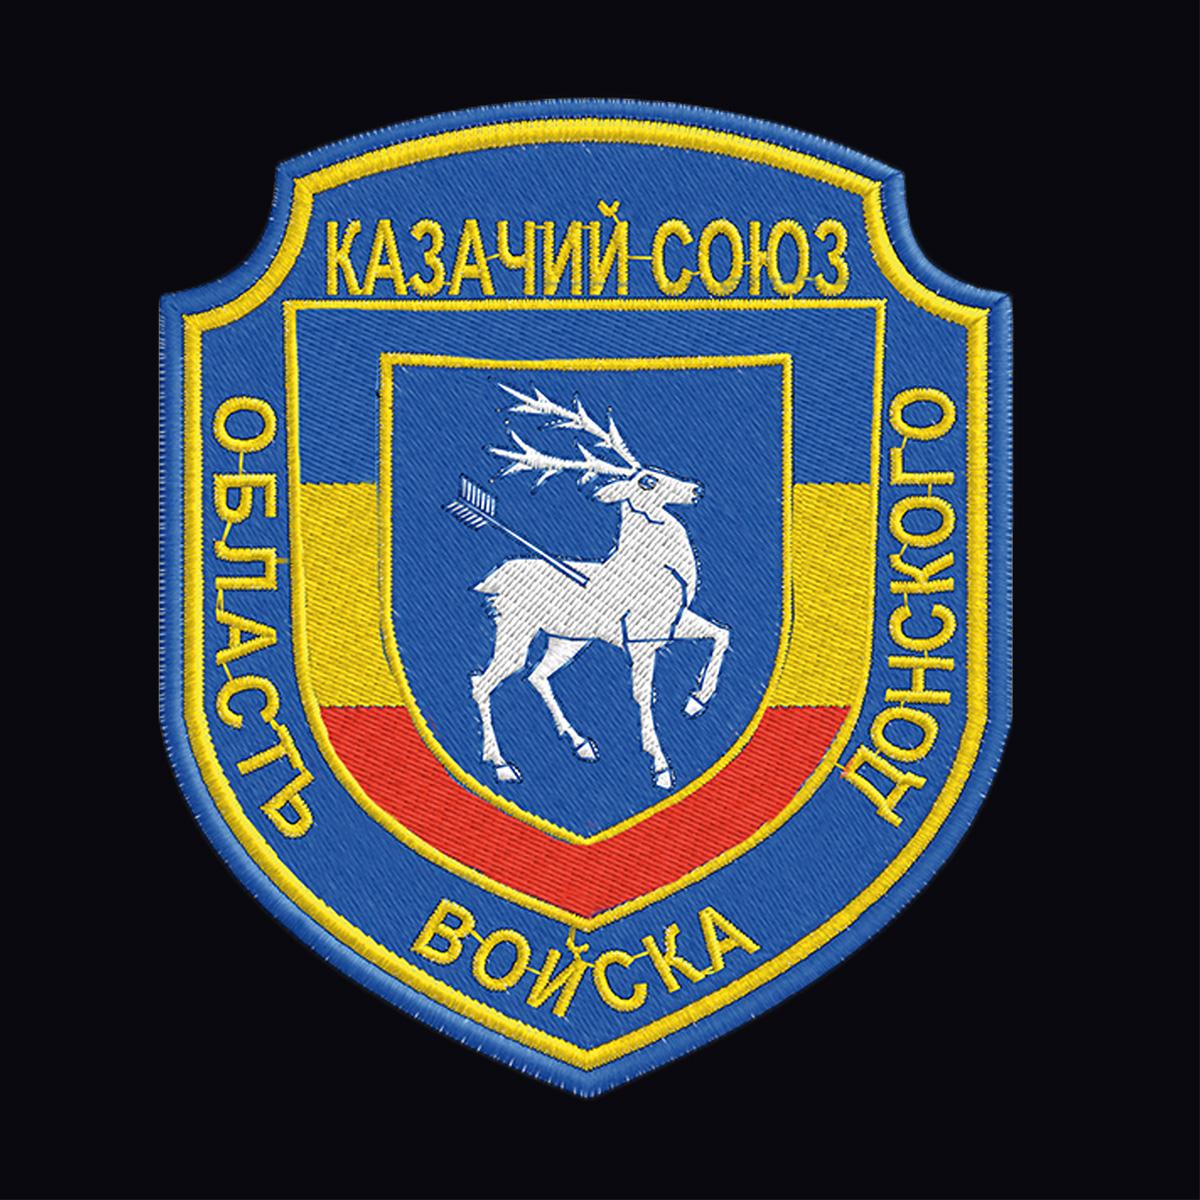 Мужская футболка Казачий Союз, Область Войска Донского.